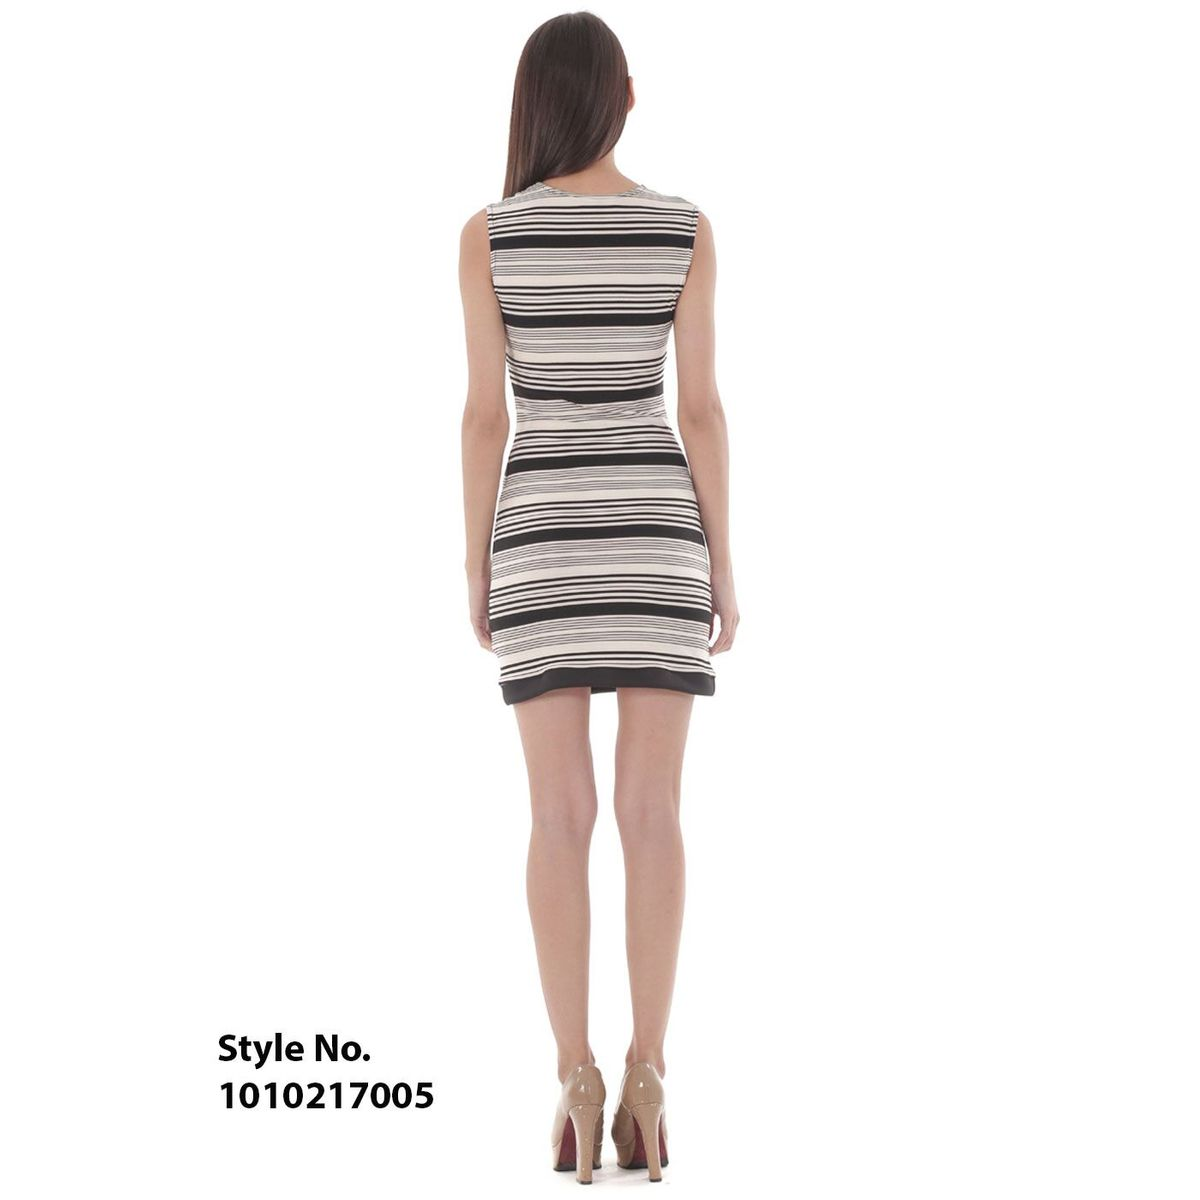 Smith Williams Black  White Stripes Dress